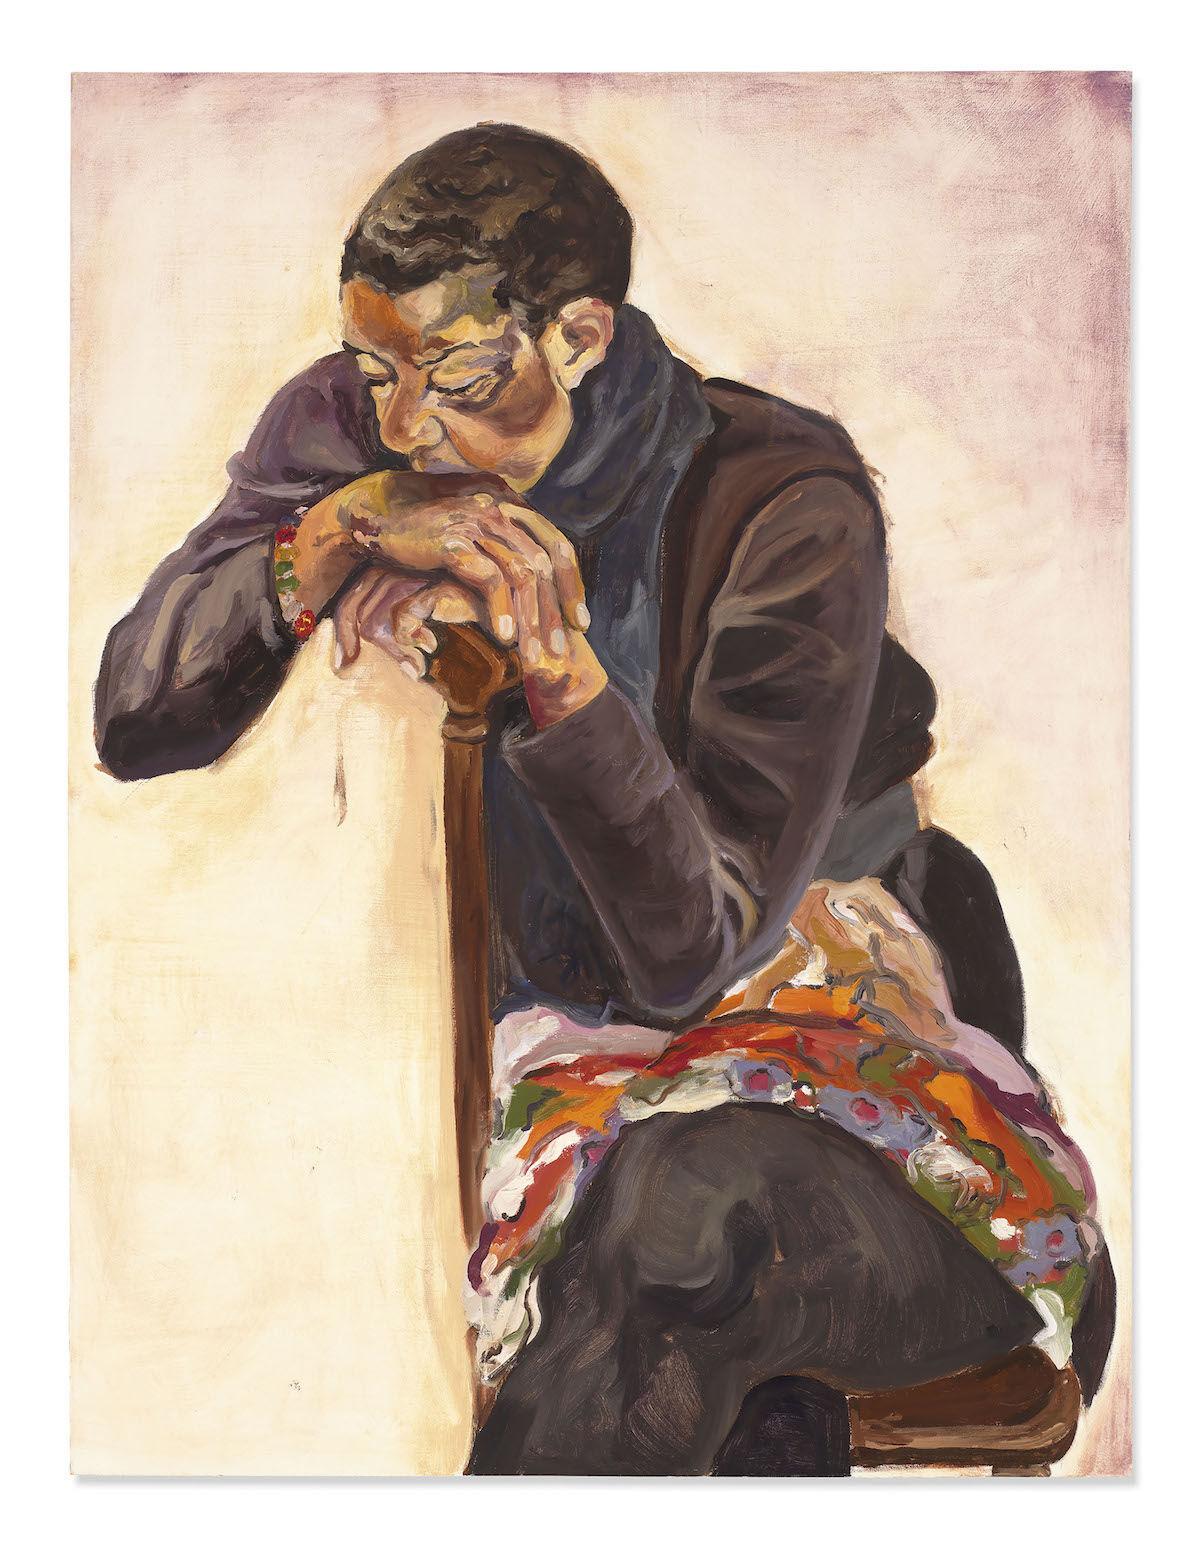 Jordan Casteel, Mom, 2013. Sold for £515,250 ($666,). © Christie's Images Limited 2020.